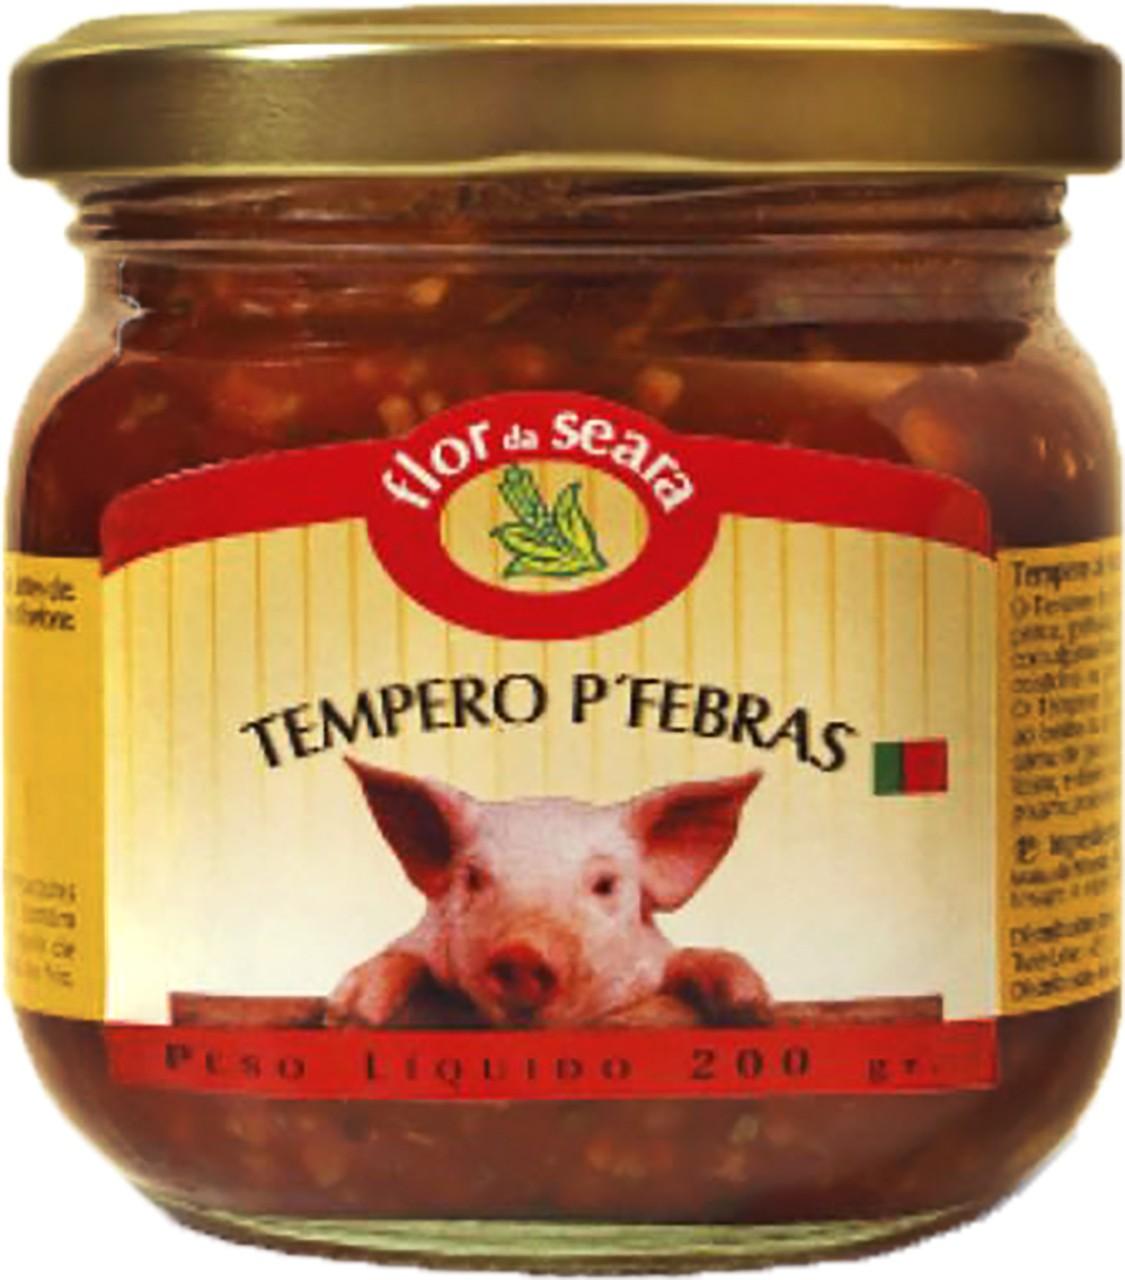 Fleischgewürzpaste - Tempero para Febras